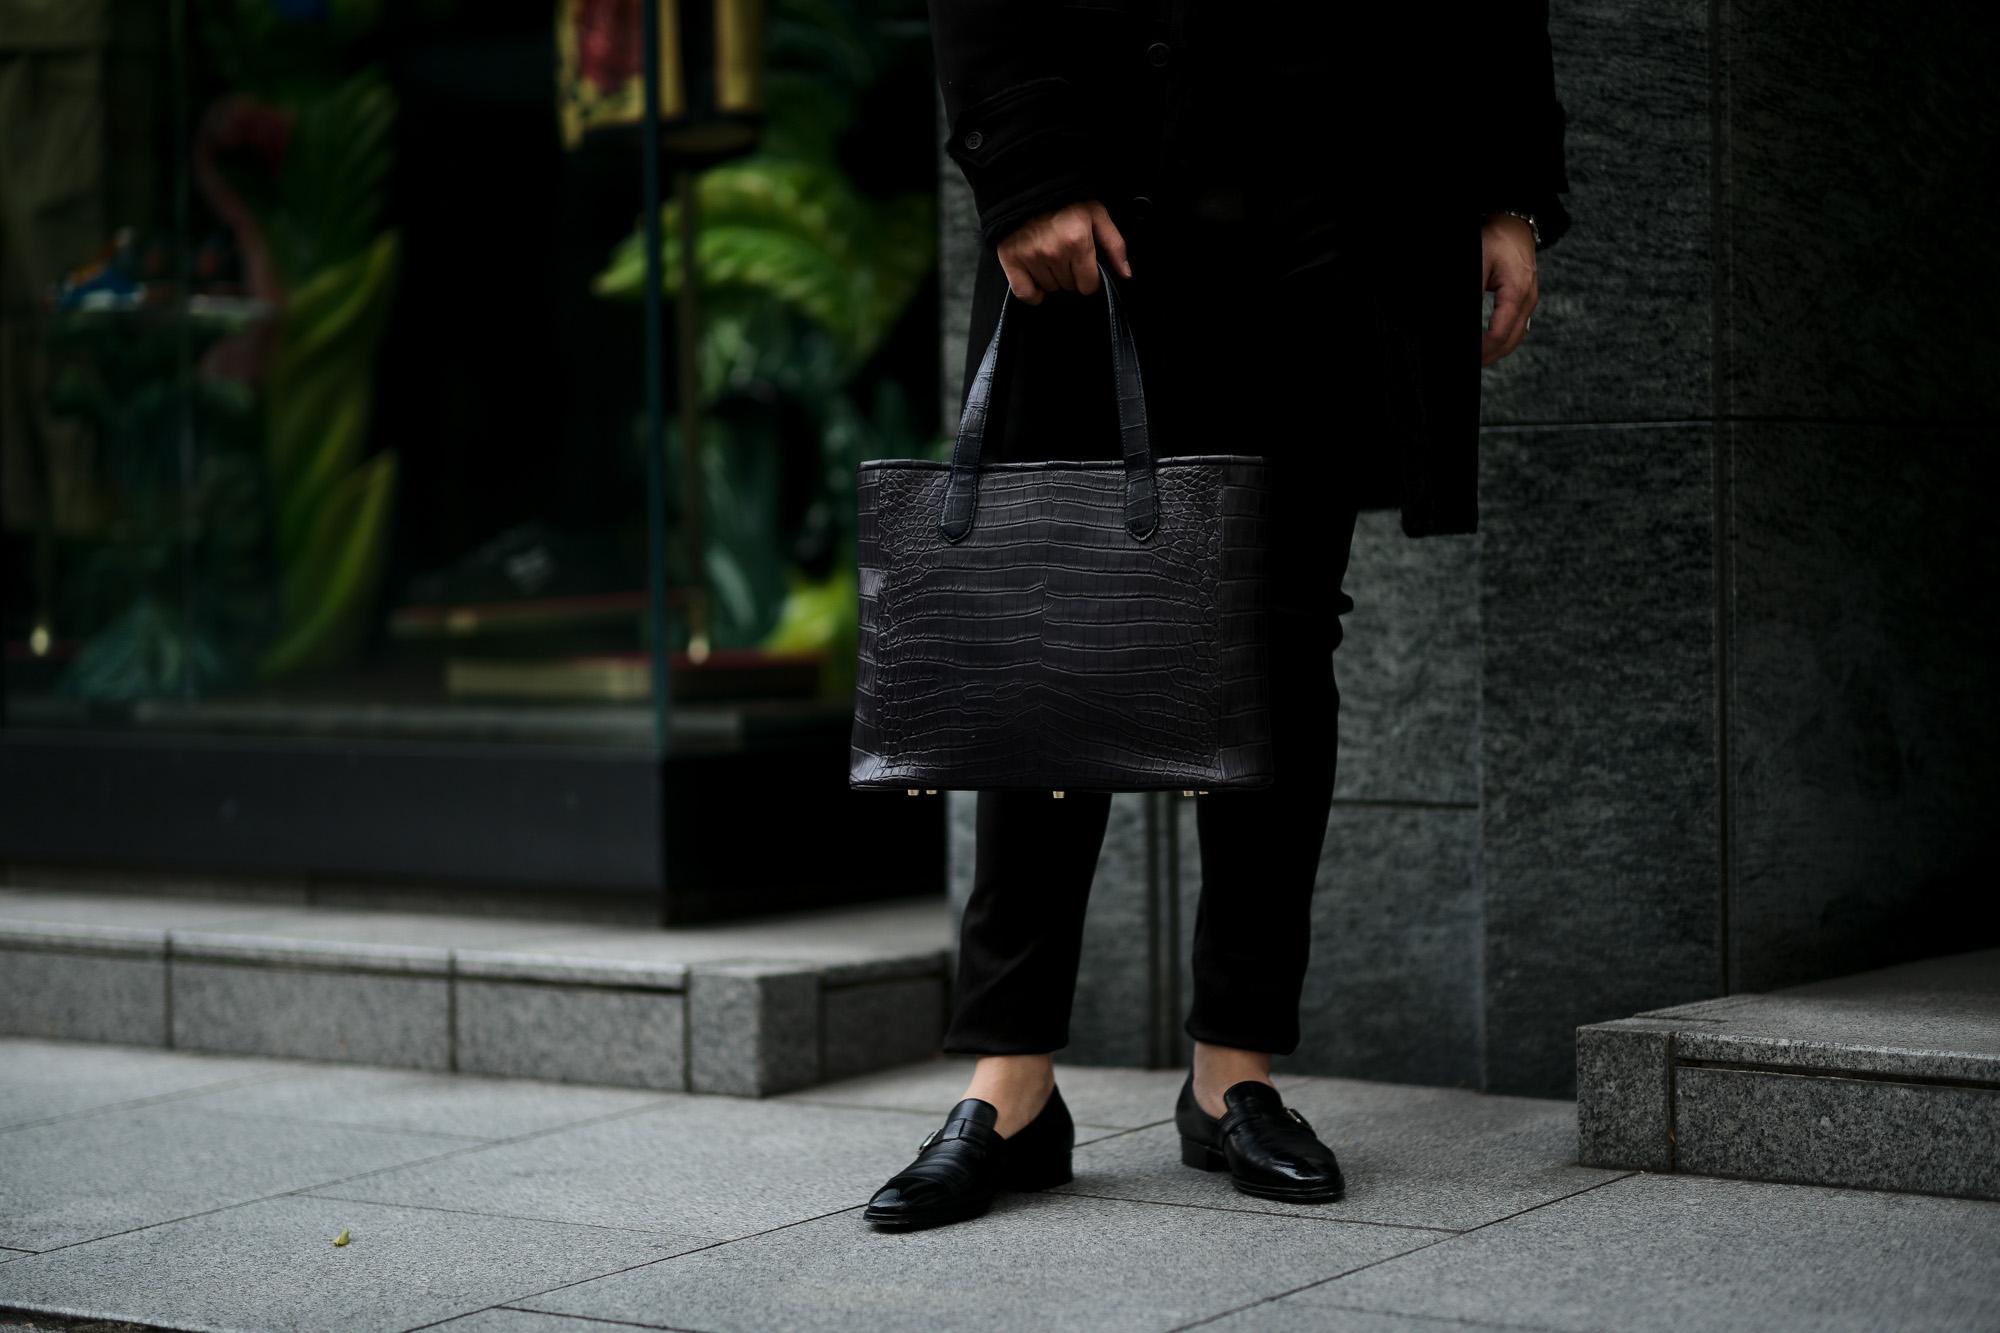 Cisei × 山本製鞄 (シセイ × 山本製鞄) Crocodile Tote Bag Medium (クロコダイル トートバッグ ミディアム) Nile Crocodile Leather (ワニ革) ナイル クロコダイル トート バッグ BLACK(ブラック),NAVY(ネイビー),BROWN(ブラウン) Made in Japan (日本製) cisei yamamotoseiho トートバック クロコ 愛知 名古屋 Alto e Diritto アルト エ デリット